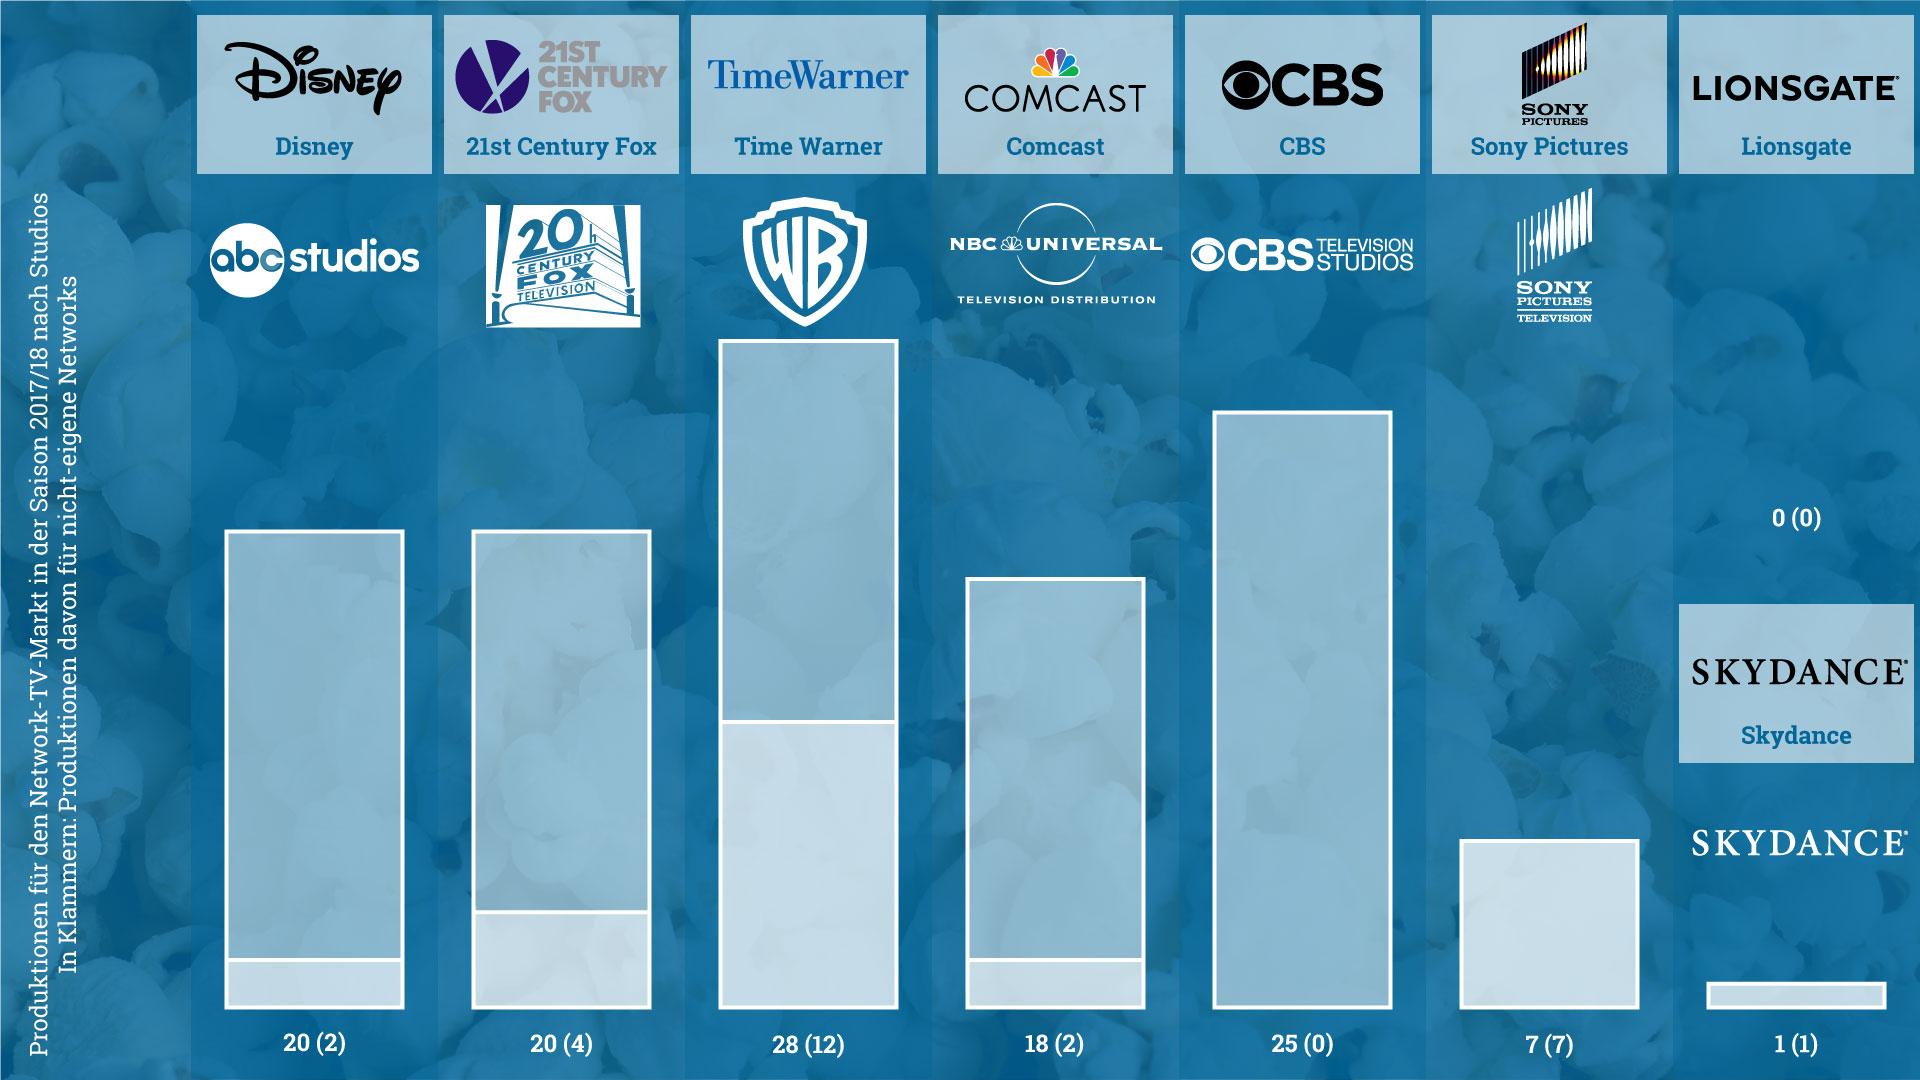 Serienproduktion der Studios für die eigenen (Zahl am Anfang) und fremde Networks (Zahl in Klammern)